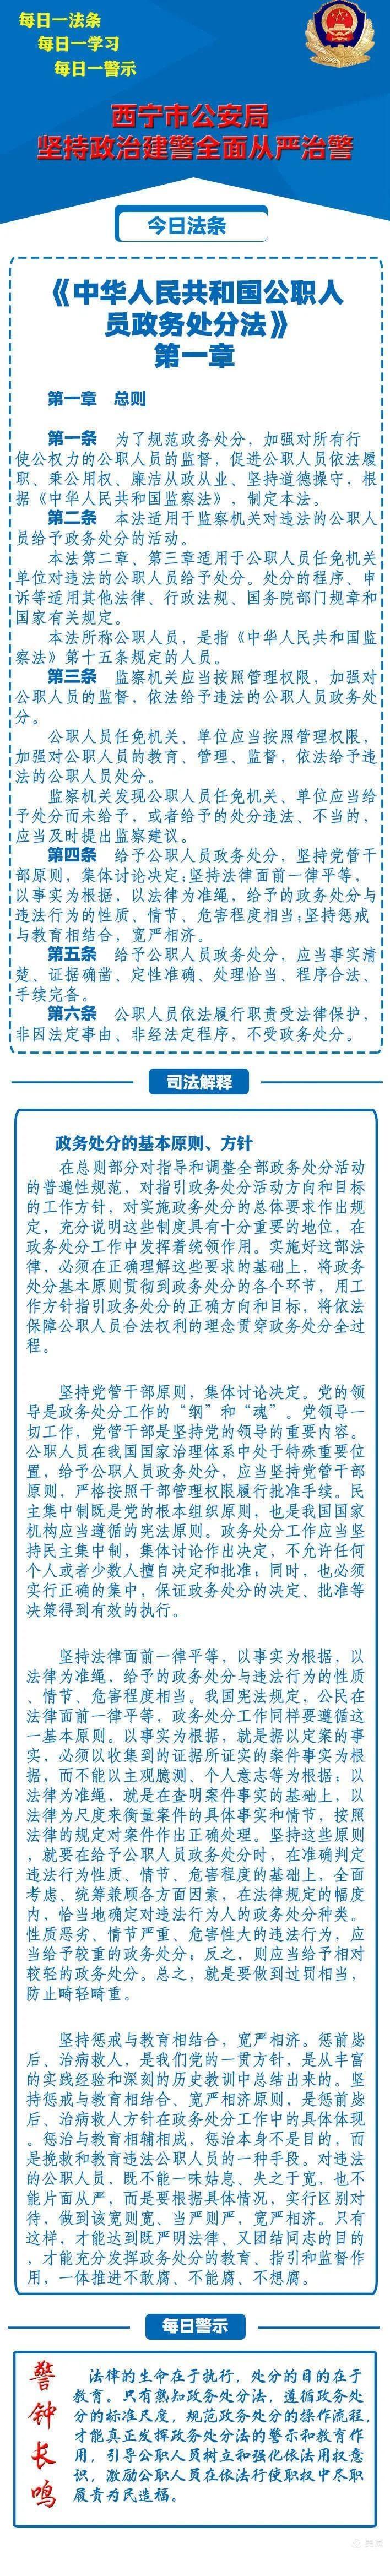 【每日学习】政务处分法 第一章